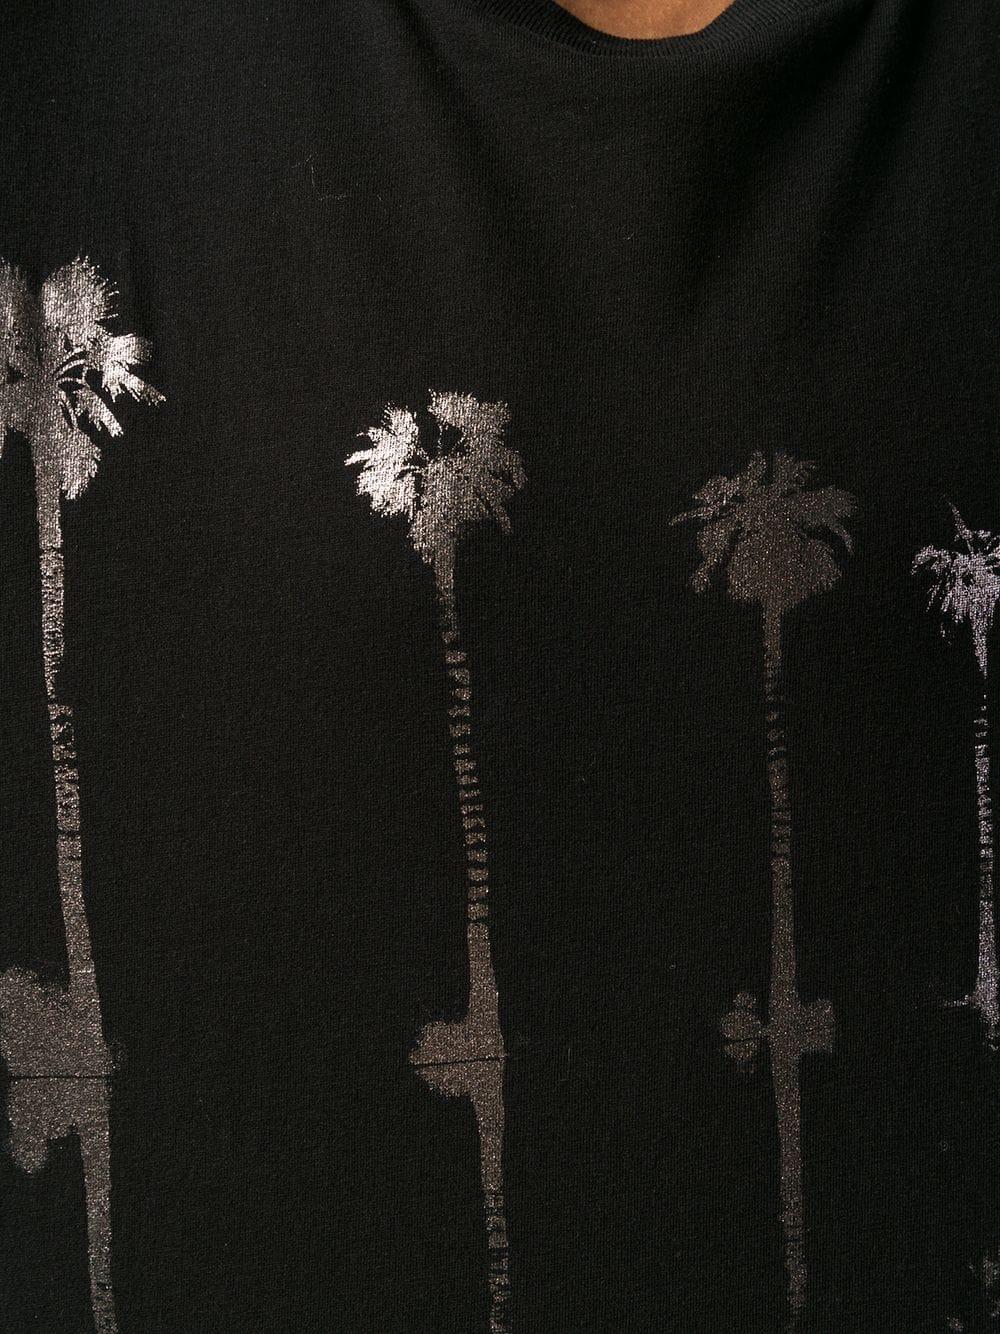 4b66dd5ba24 T-Shirt Nera Con Palme Argentate - SAINT LAURENT - Russocapri